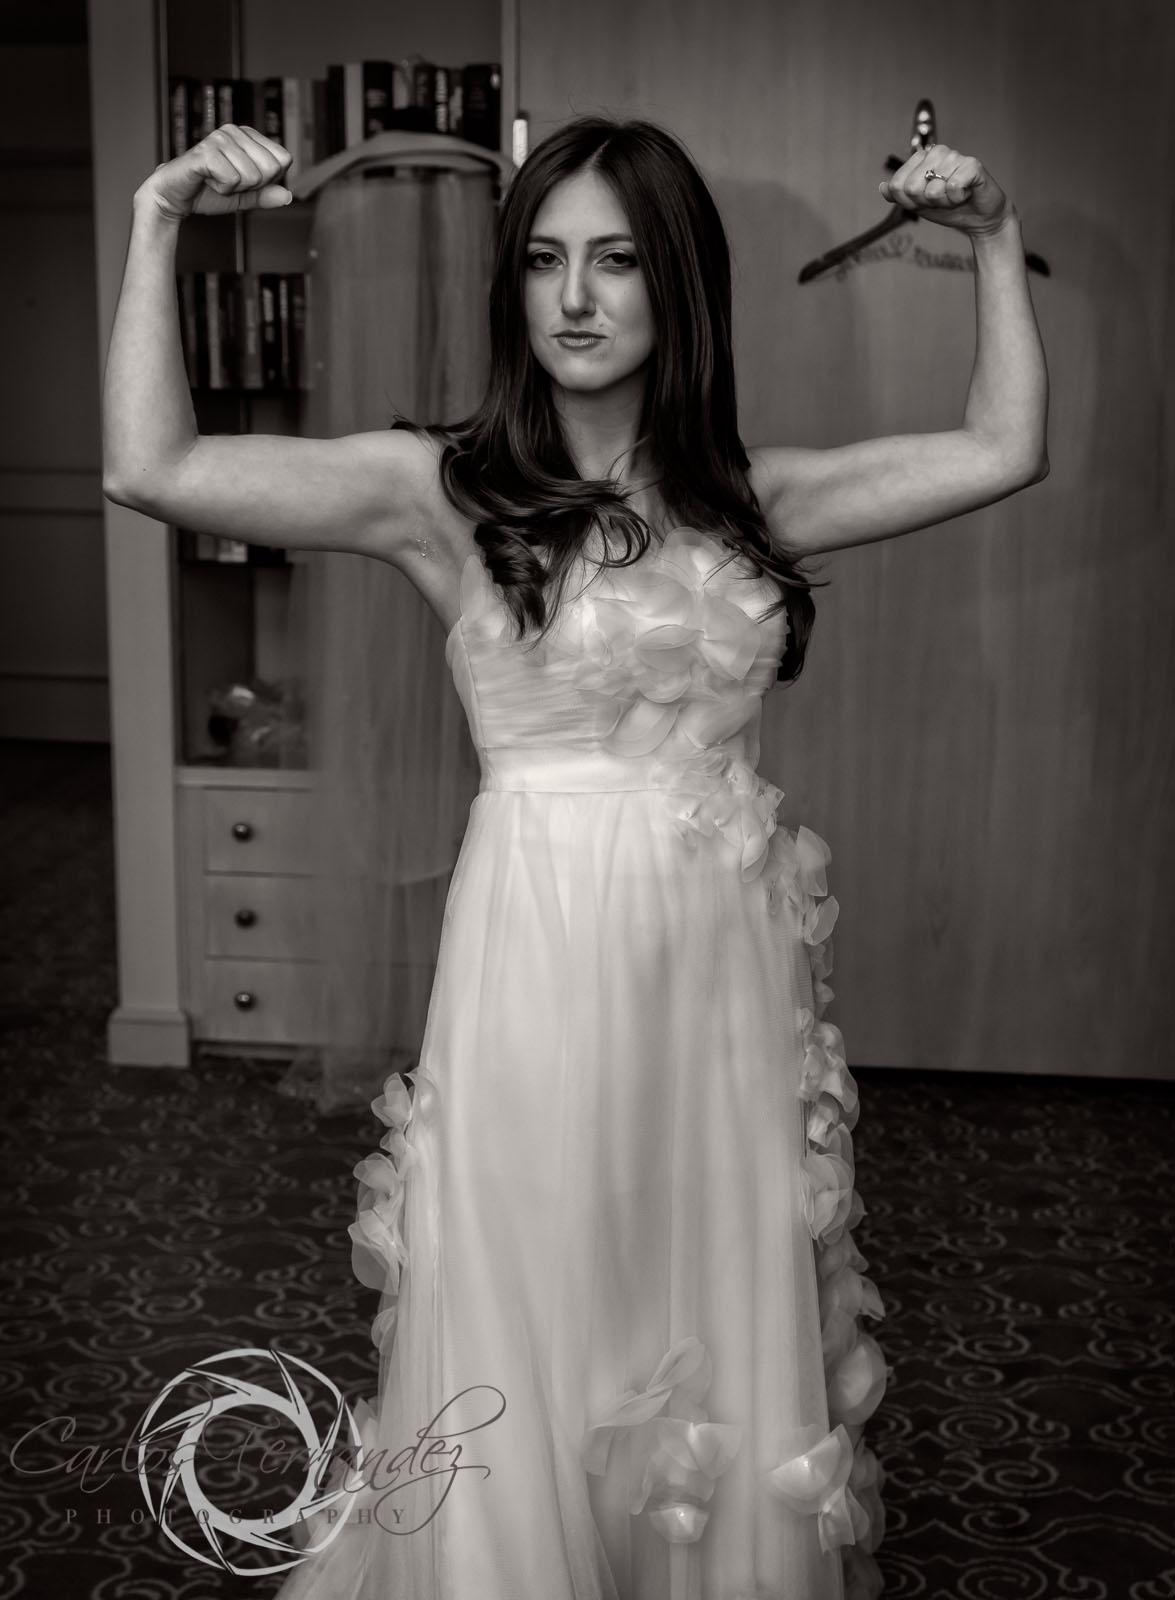 Janie proud of her wedding dress.